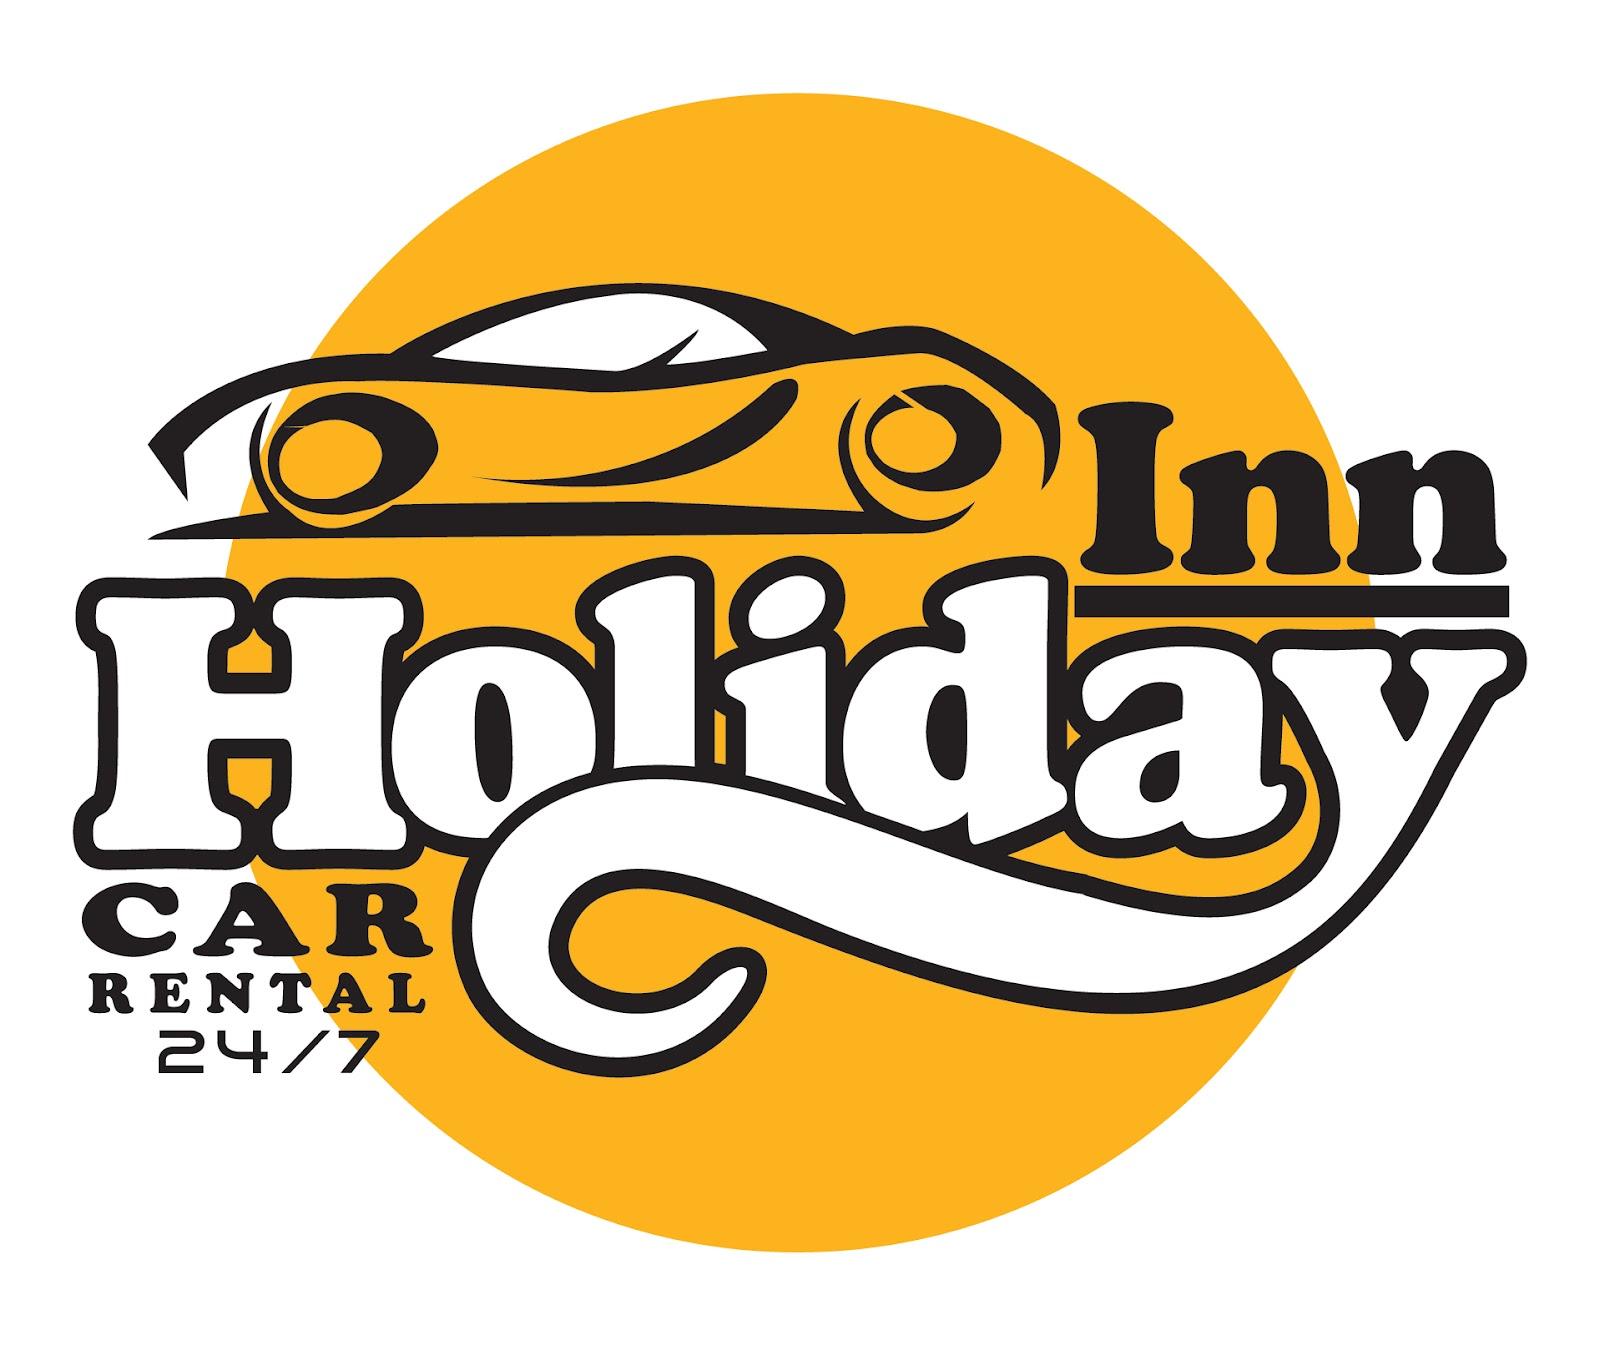 Holiday Inn Car Rental Maroc